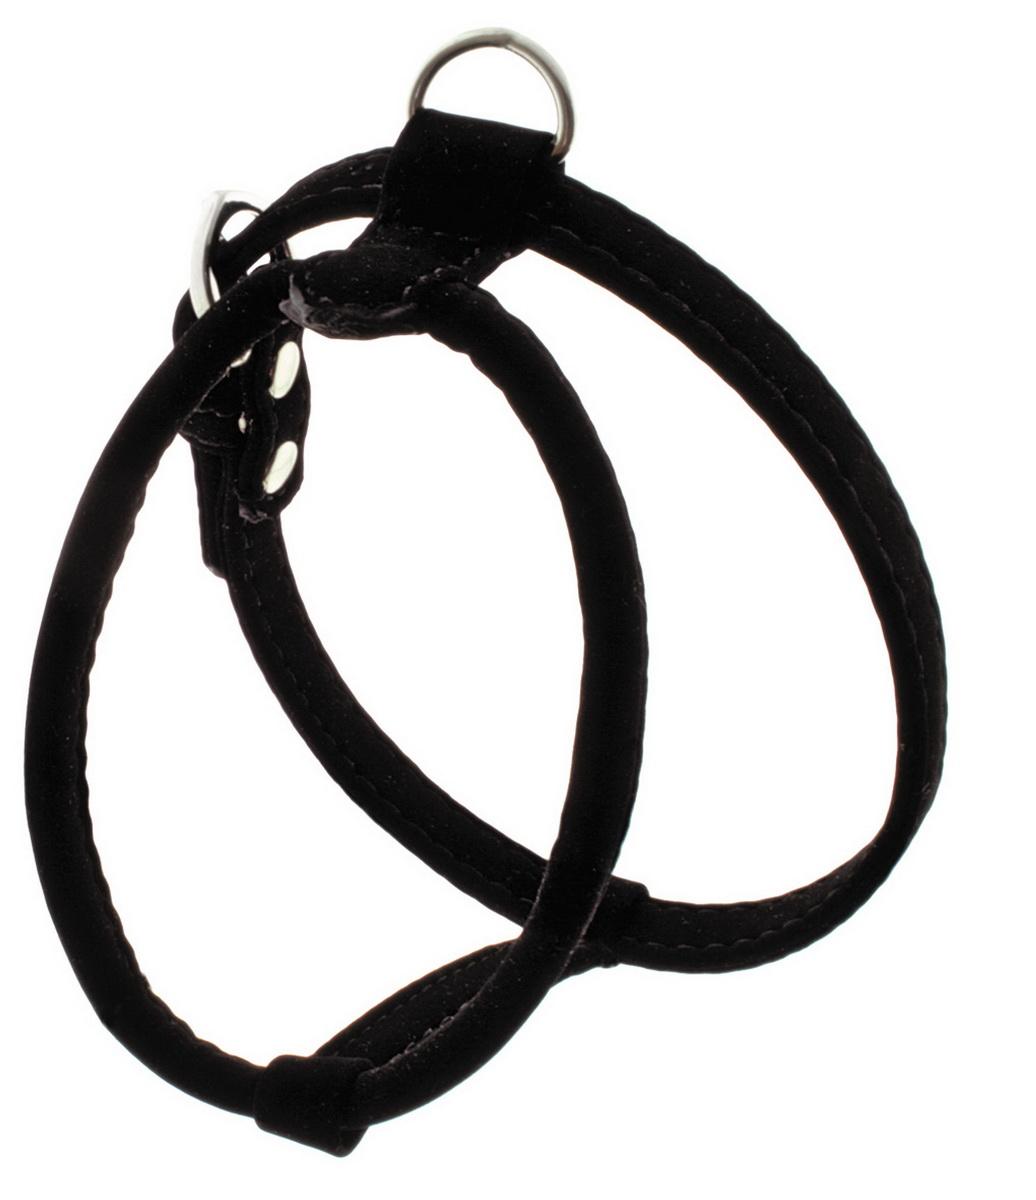 Шлейка для собак Dezzie, цвет: черный, ширина 1 см, обхват шеи 25 см, обхват груди 28-33 см. Размер S. 5624007 шлейка для собак зоомарк к9 1 обхват груди 51 67 см